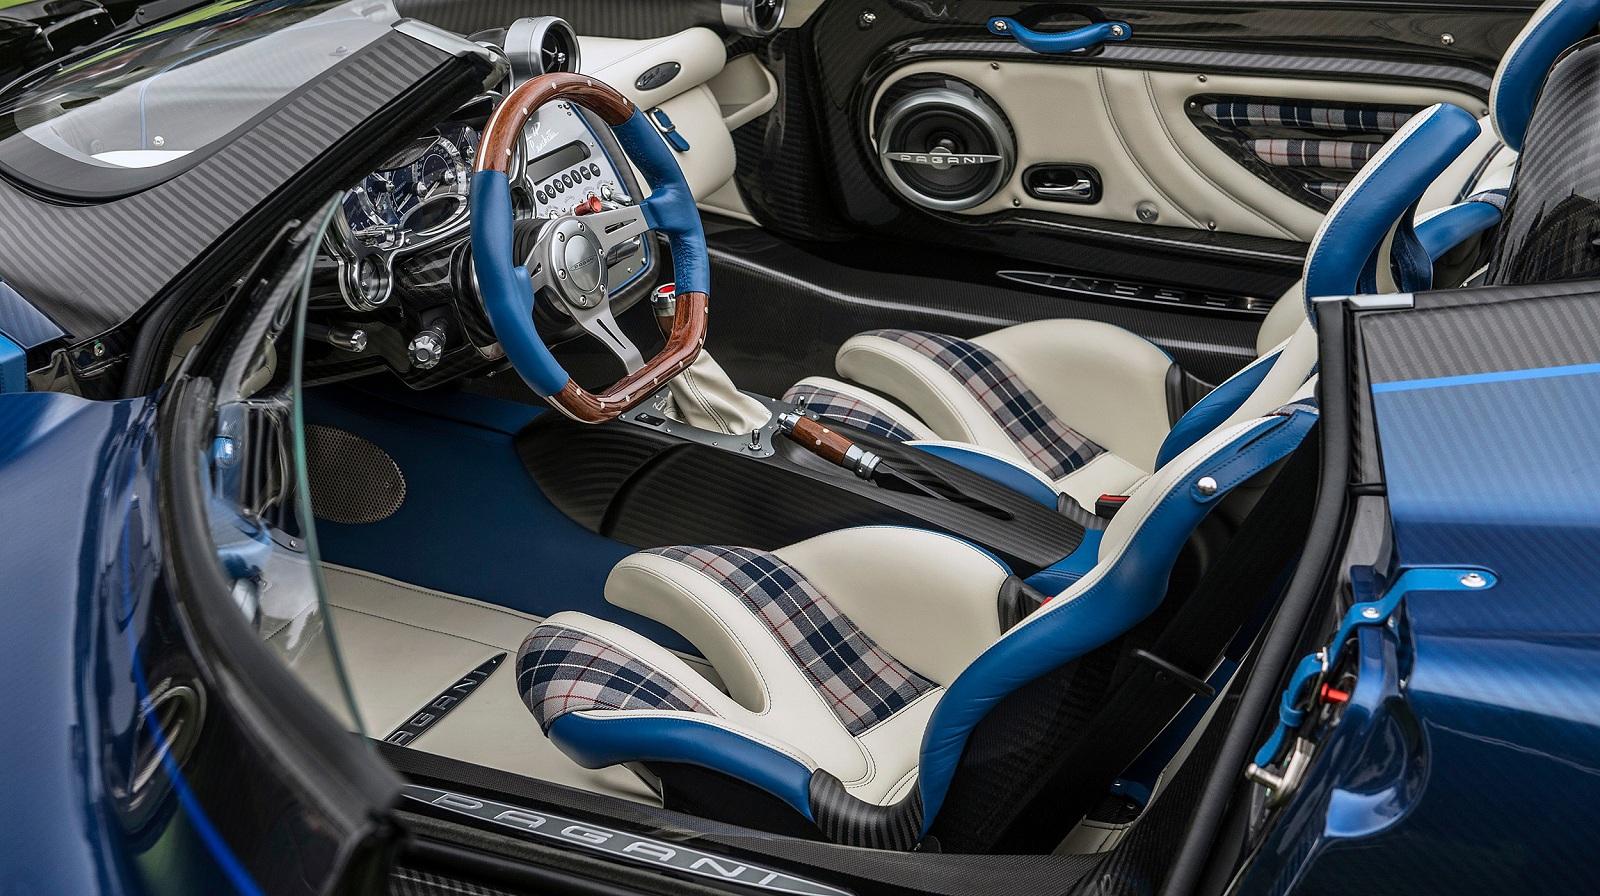 Эксклюзивный суперкар Pagani стал самым дорогим авто в мире